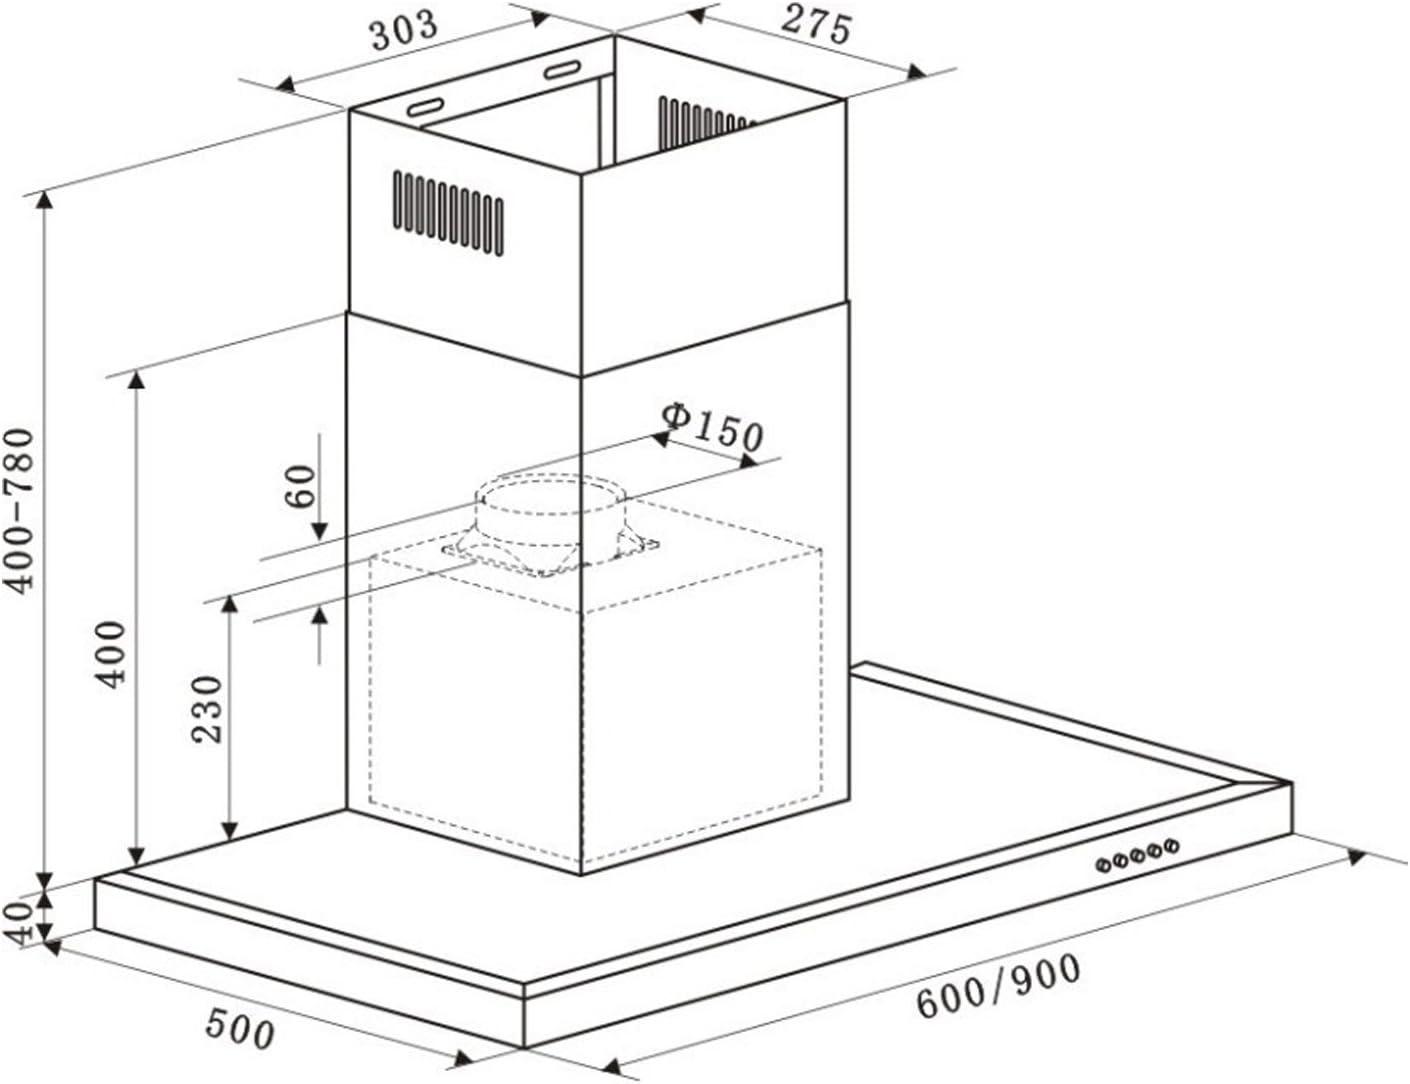 Klarstein Limelight Campana extractora de pared (90 cm, clase energética A, extracción de humo 620 m³/h , acero inoxidable, temporizador, filtro antigrasa apto para lavavajillas): Amazon.es: Grandes electrodomésticos